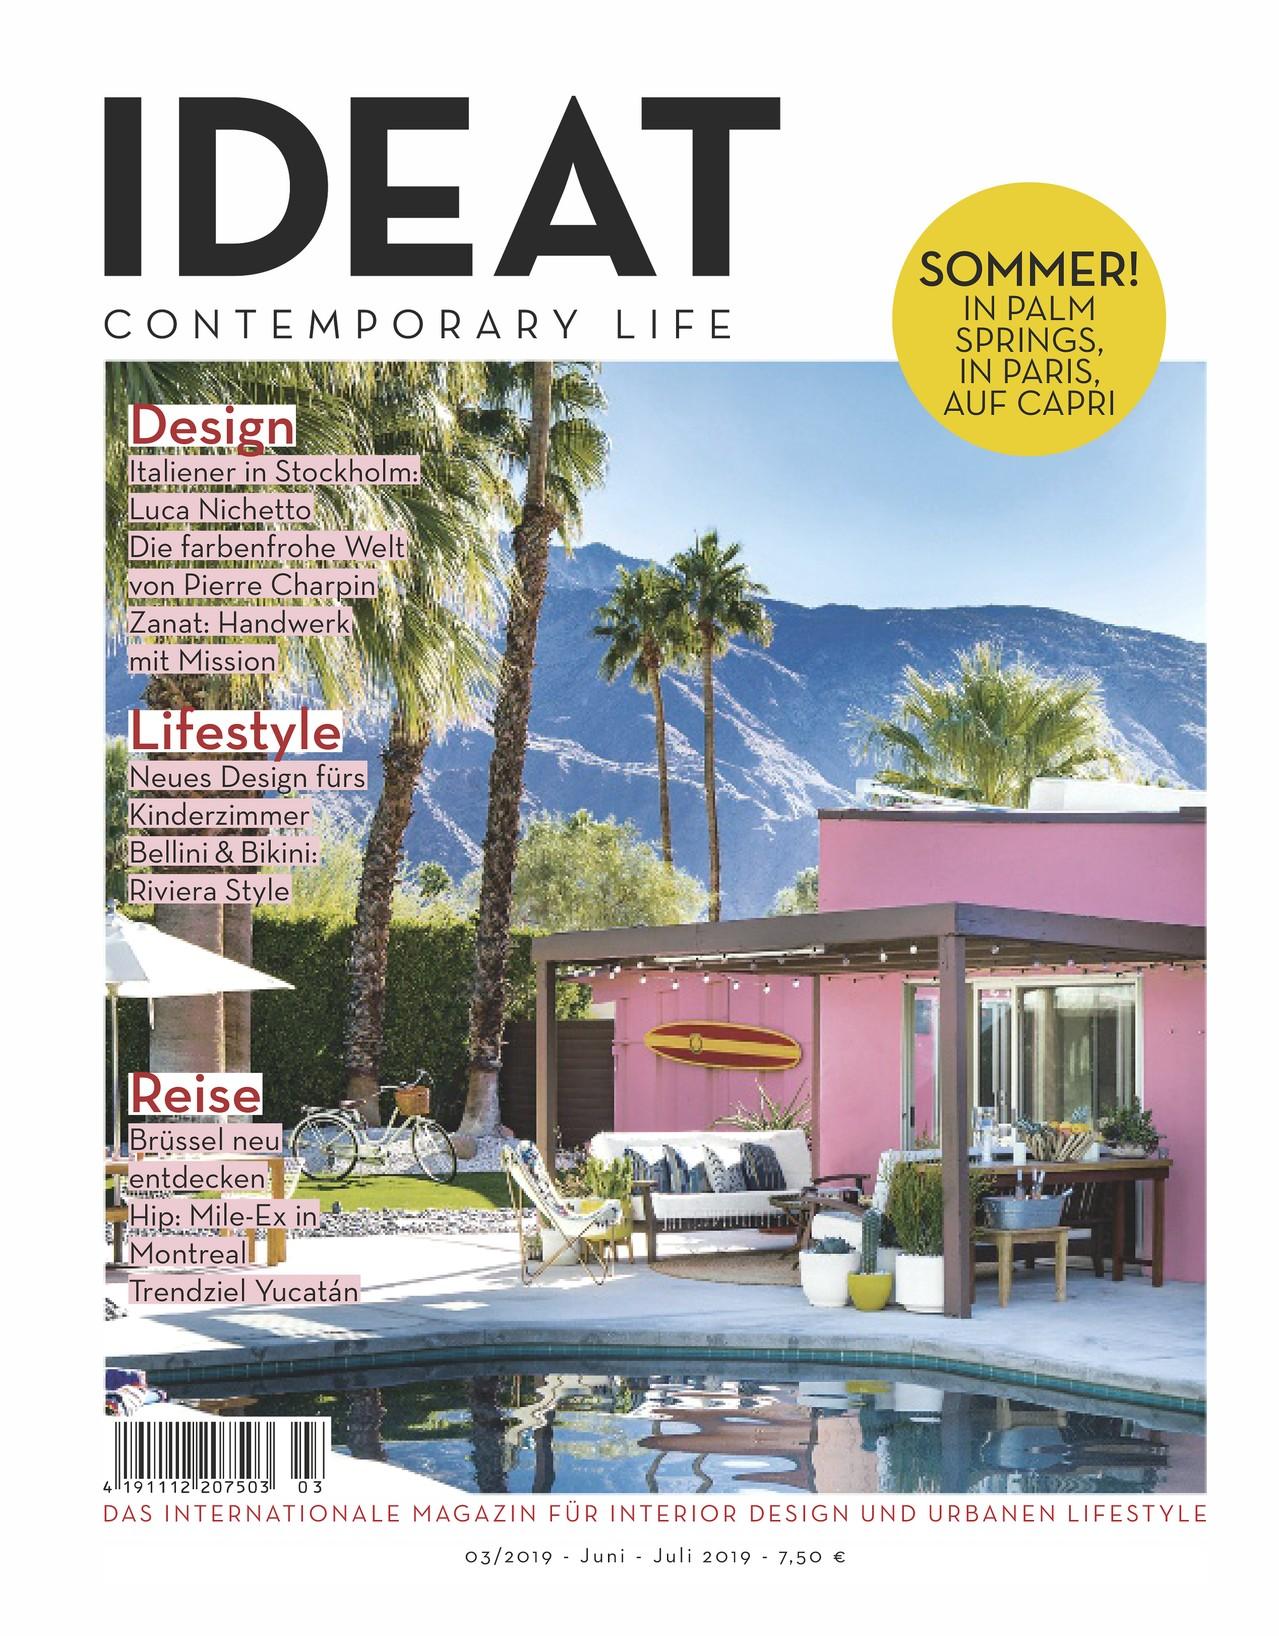 Die Neue Ausgabe Von Ideat Ist Da Ideat Design Lifestyle Reise Sommer Interiordesign Interiorlovers Interior Neue Wege Urban Lifestyle Gruner Jahr